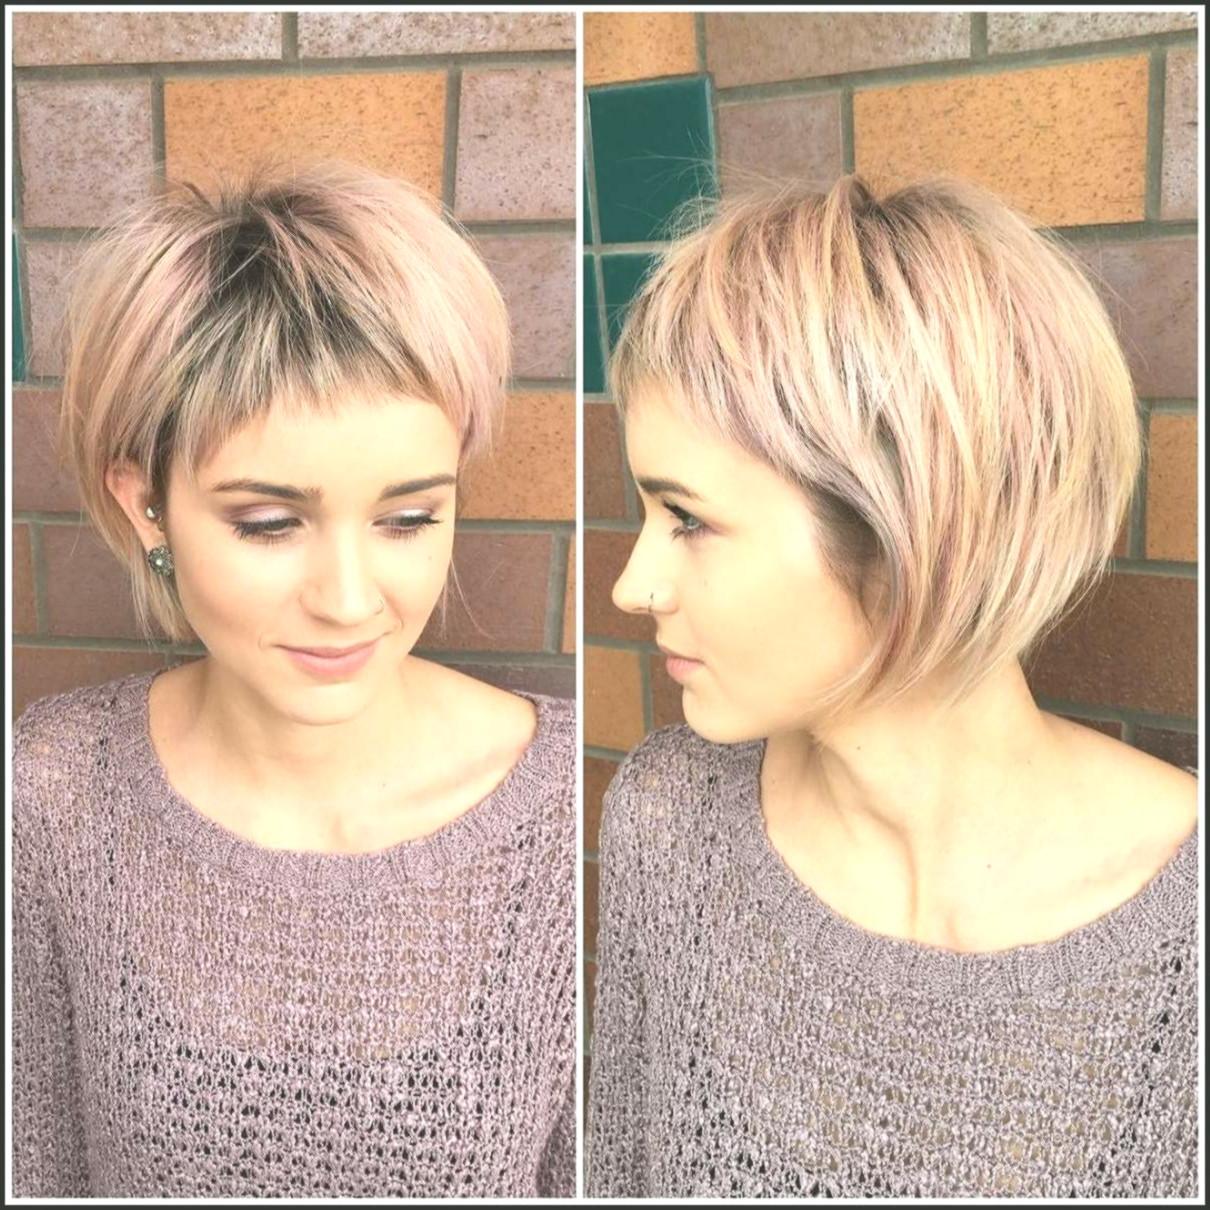 Frisuren Die Verjüngen Vorher Nachher  Atemberaubend Schön Frisuren Feines Haar Vorher Nachher